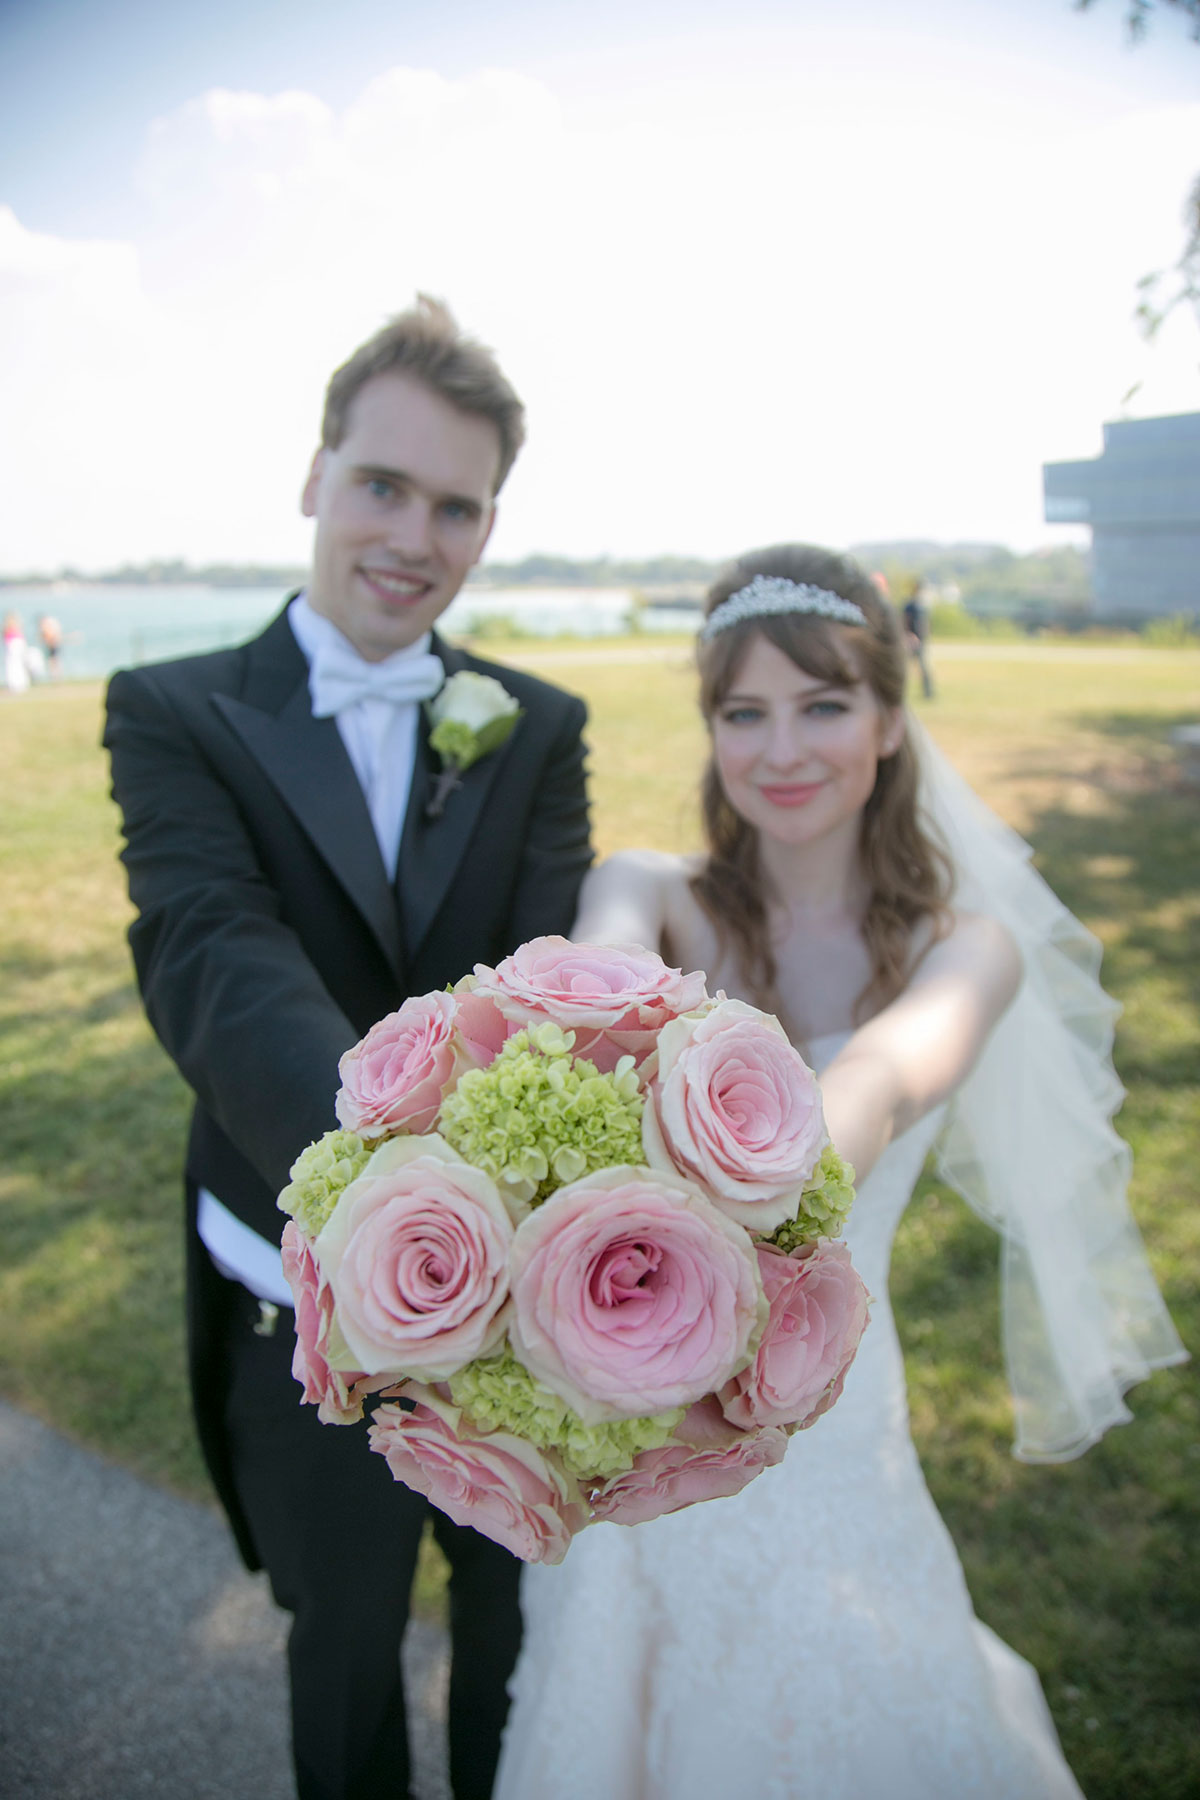 Wedding_Chicago_Rachel_Roberts_016.JPG